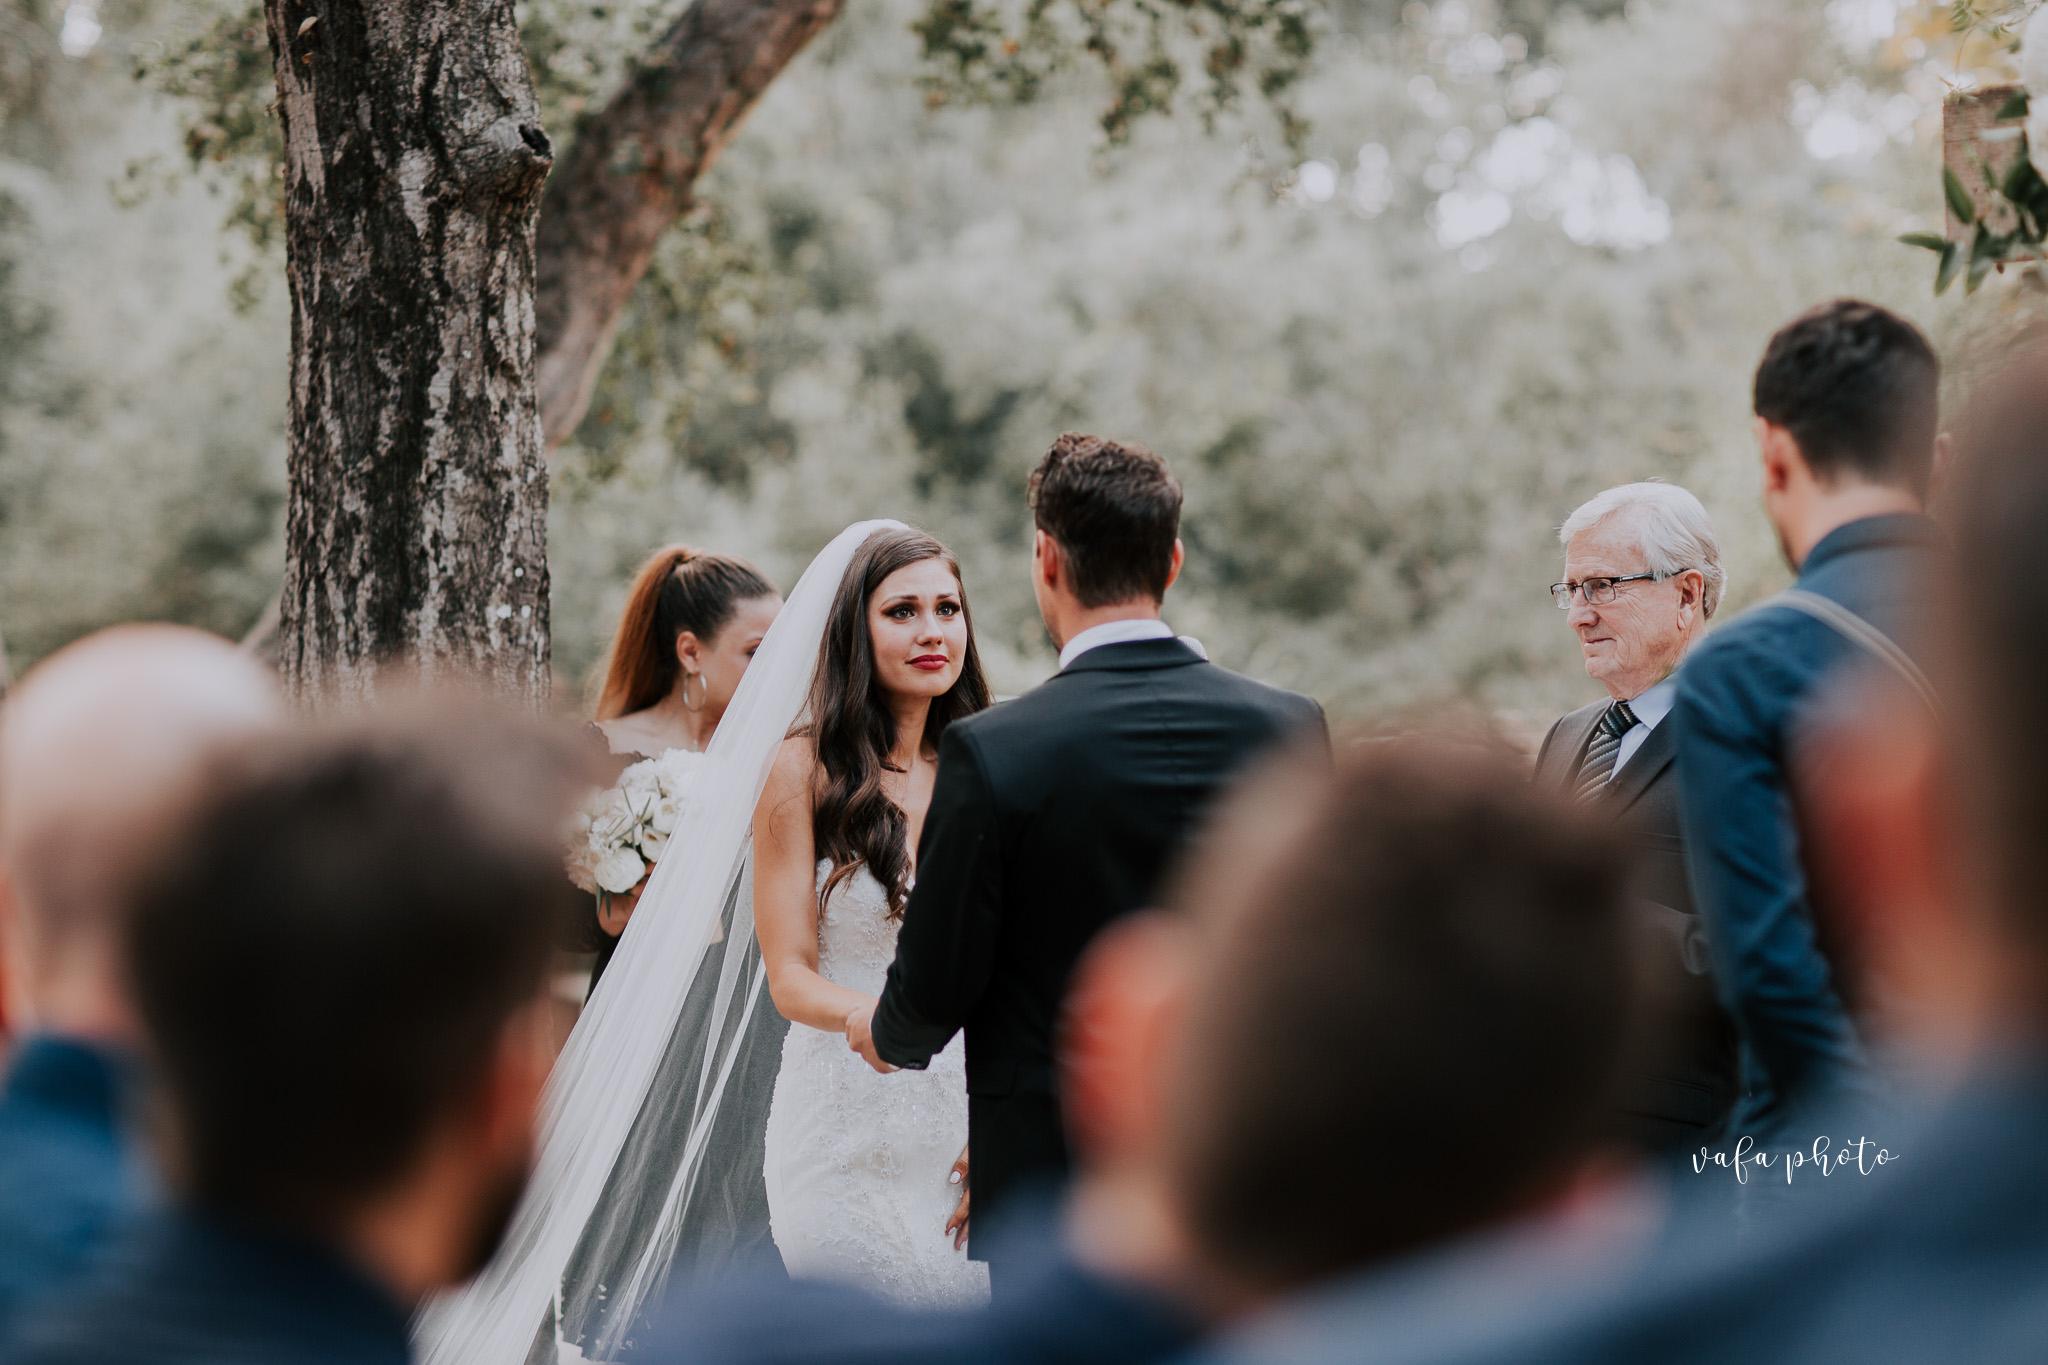 Southern-California-Wedding-Britt-Nilsson-Jeremy-Byrne-Vafa-Photo-455.jpg